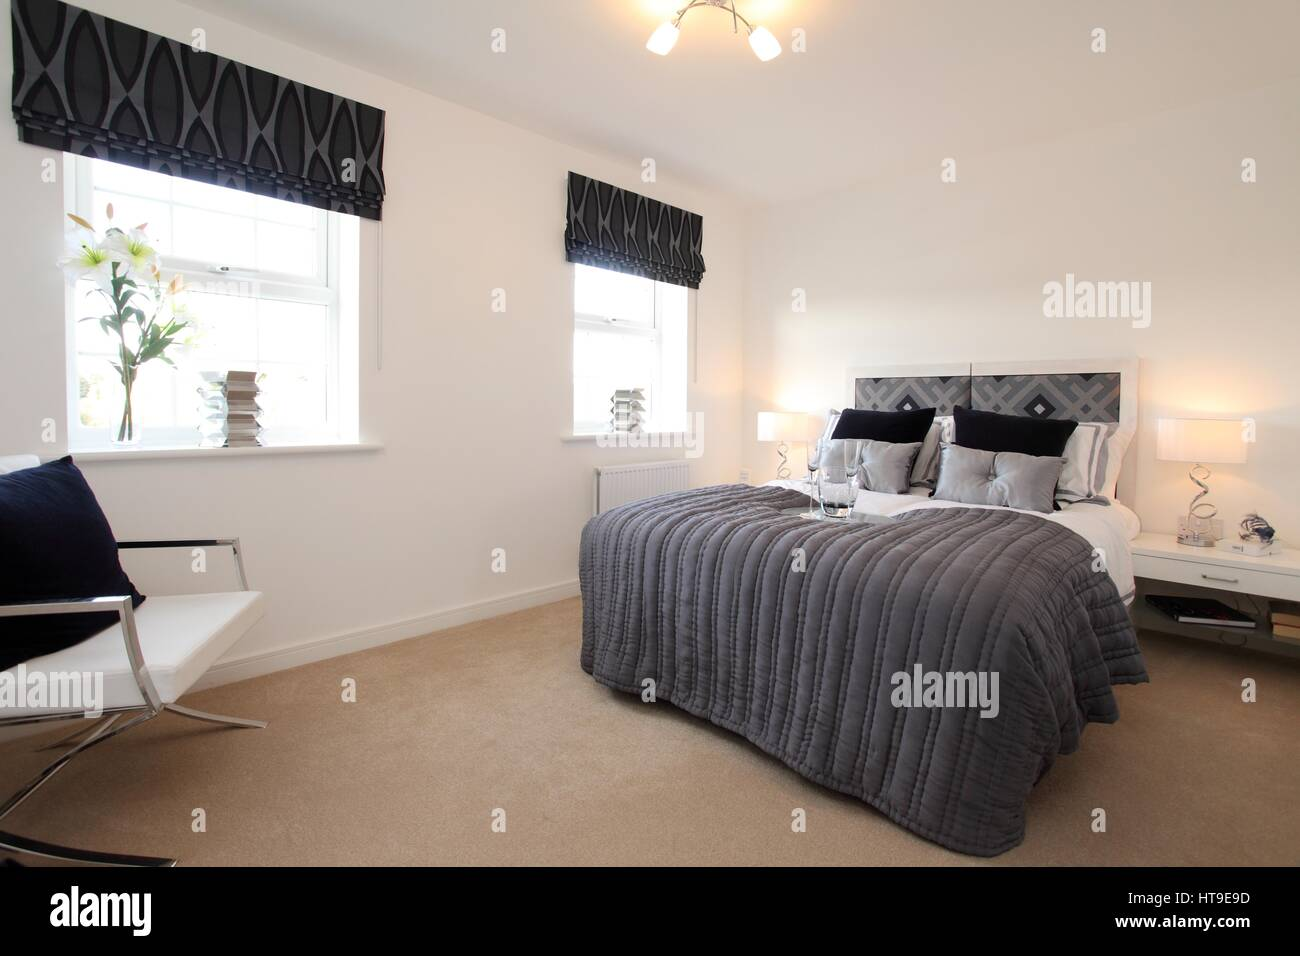 Wohngebäude, Schlafzimmer, modernes, neues bauen, grau Tagesdecke ...